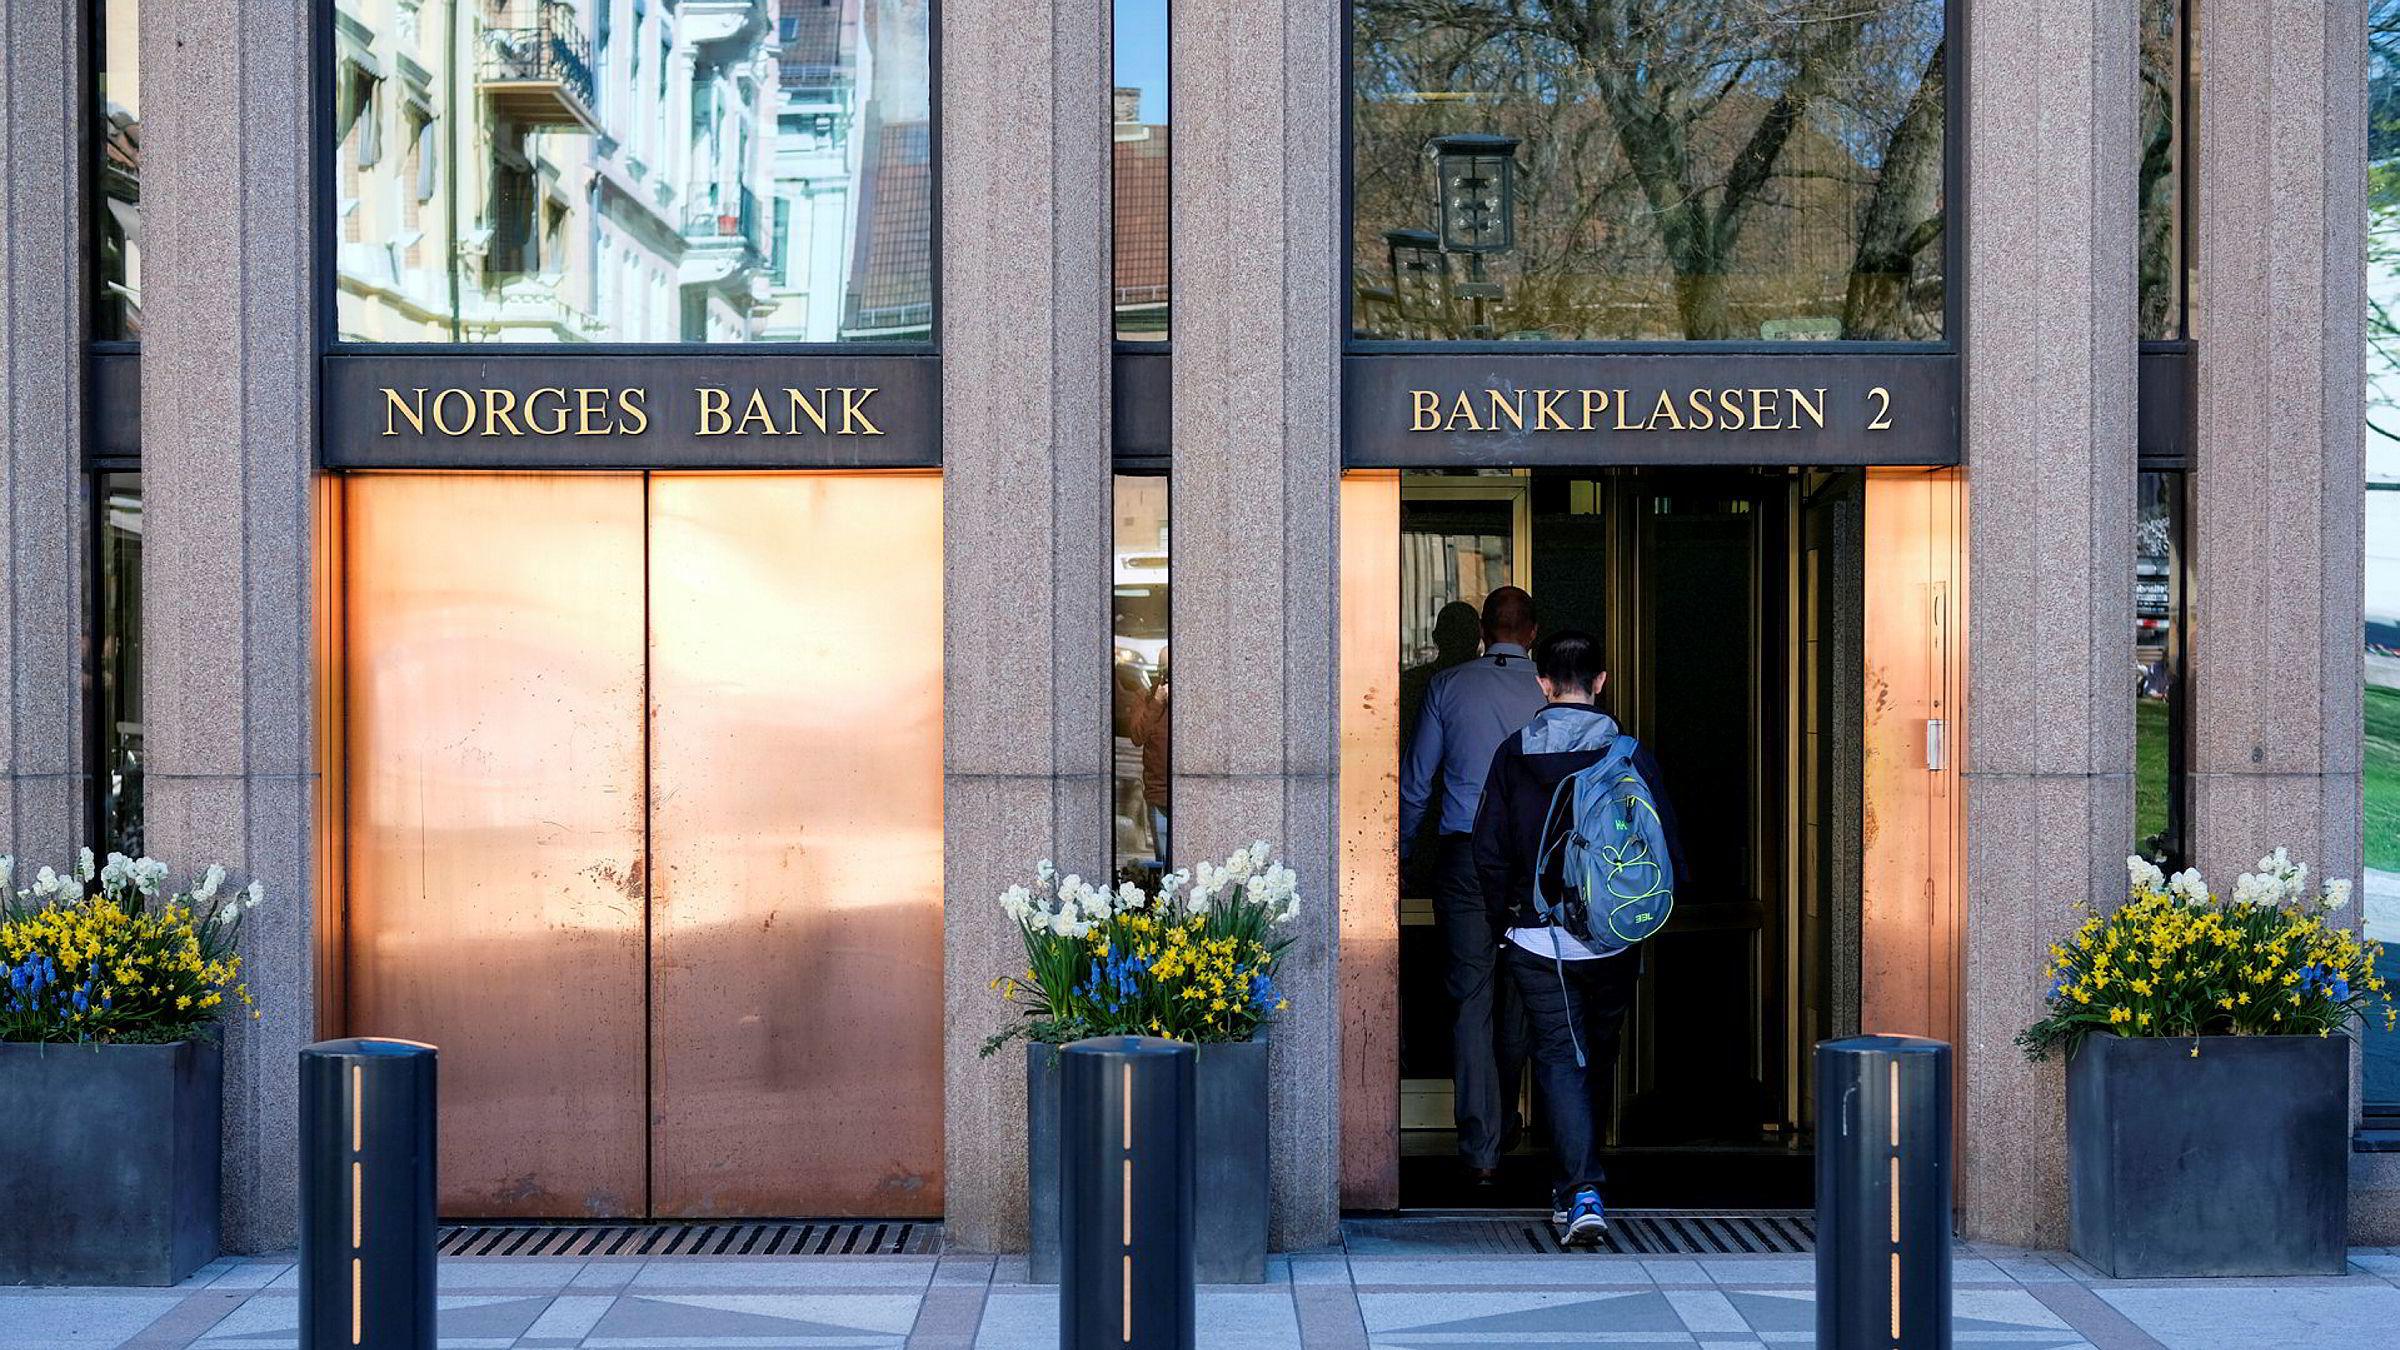 Renteendringer har store konsekvenser for formuesulikhet. Jeg har lett med lykt og lupe i Norges Banks publikasjoner etter forståelse av dette, skriver Eric Nævdal i innlegget.